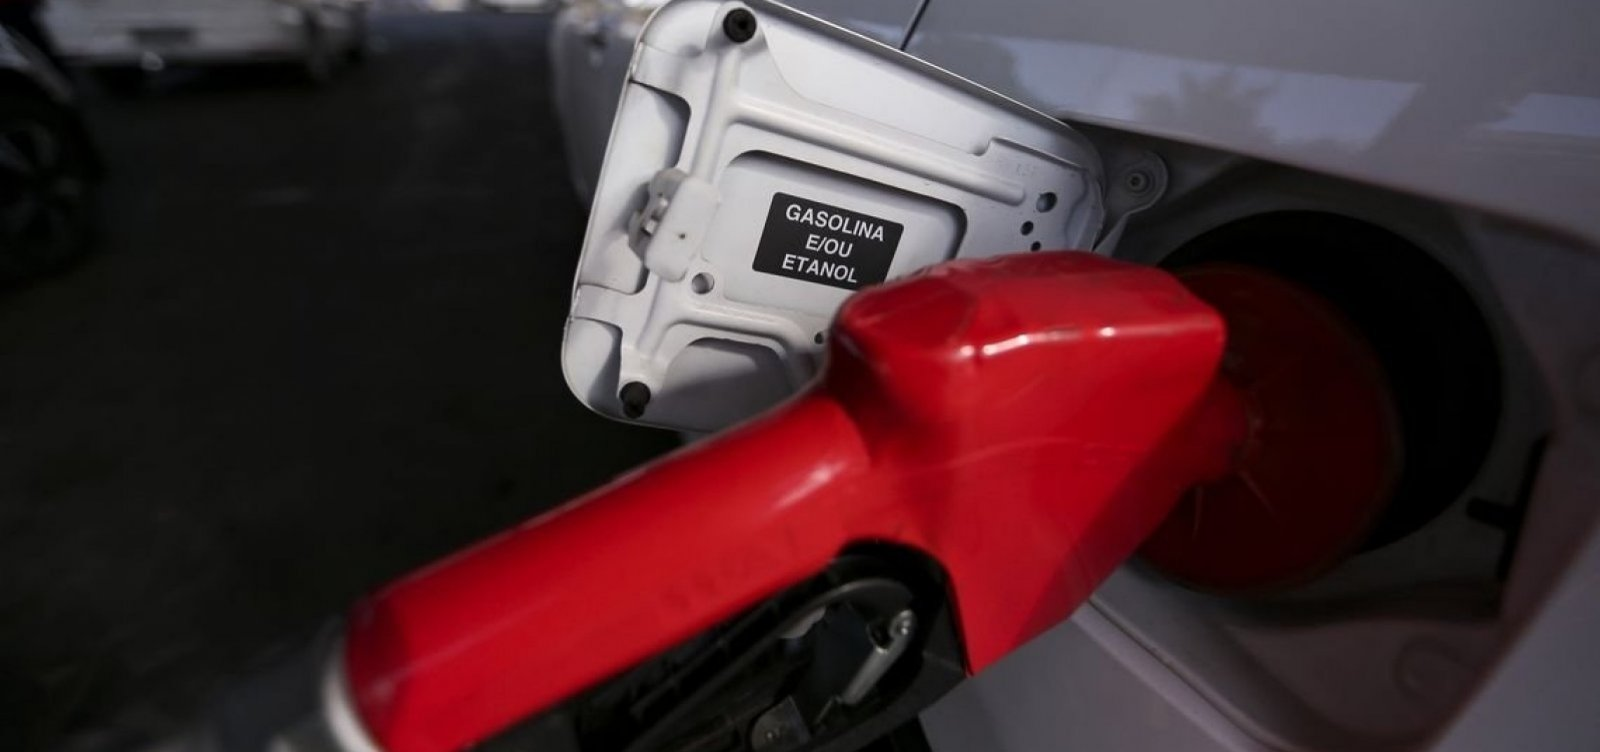 Preço da gasolina cai 1,32% nas refinarias, segundo Petrobras